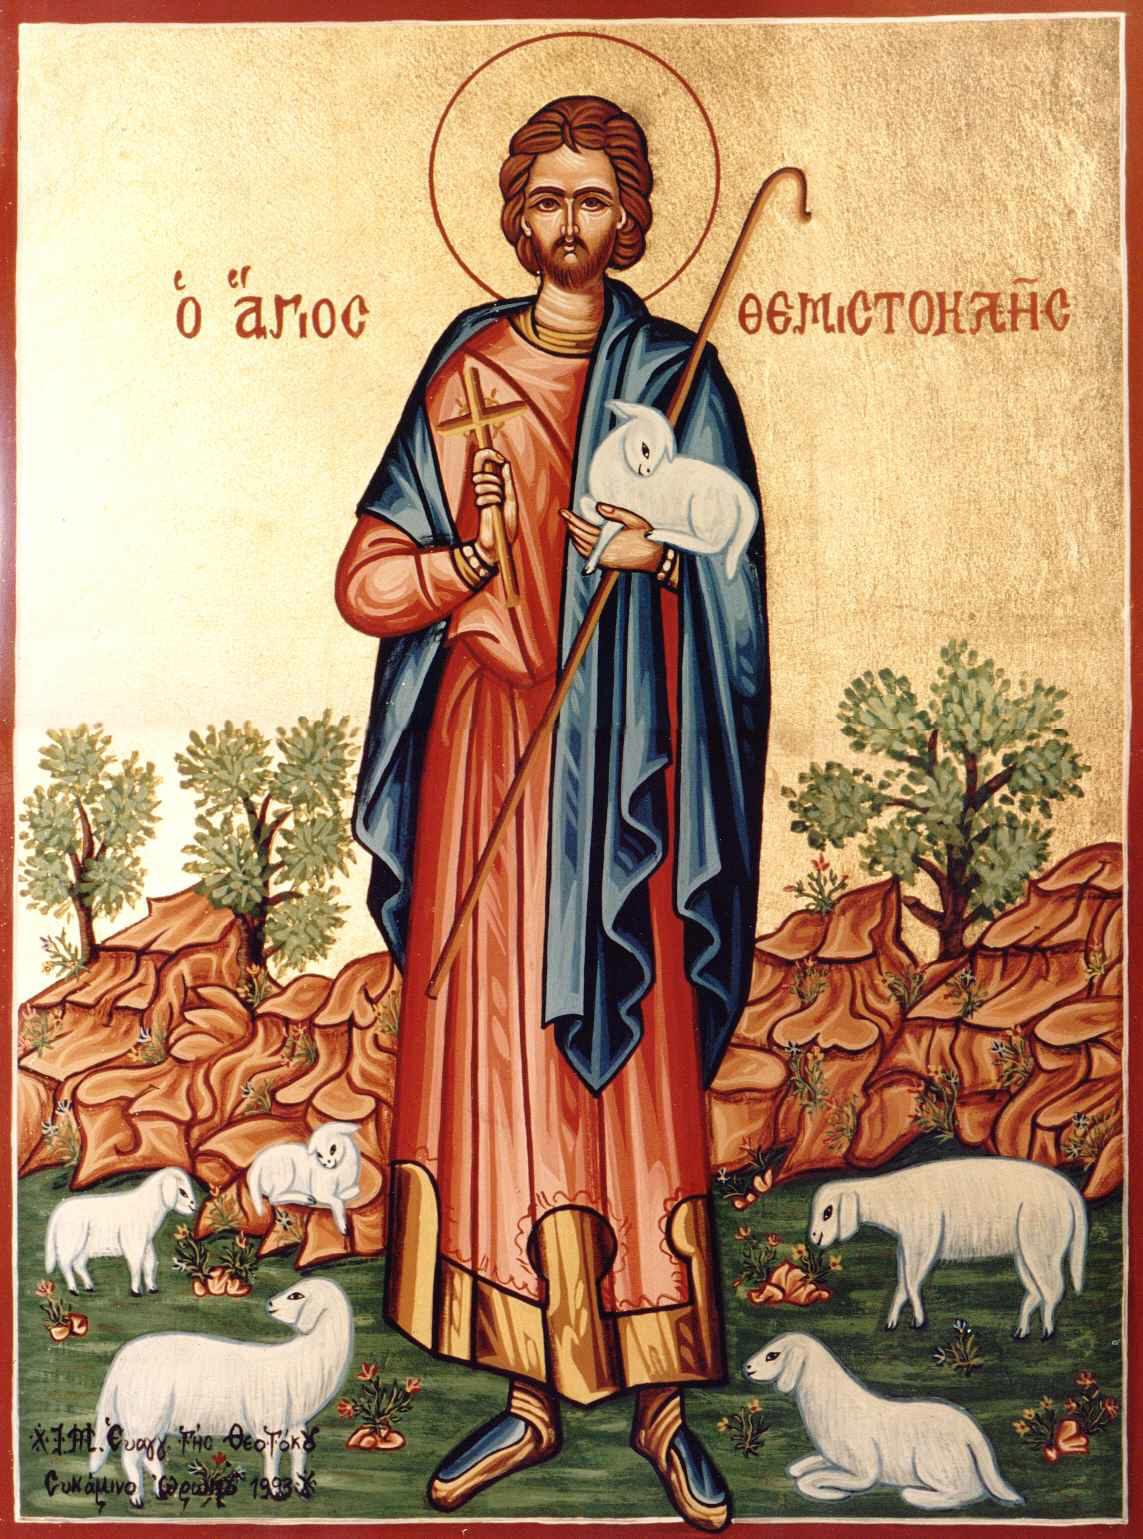 Άγιος Θεμιστοκλής: ο βοσκός που μαρτύρησε για την πίστη του